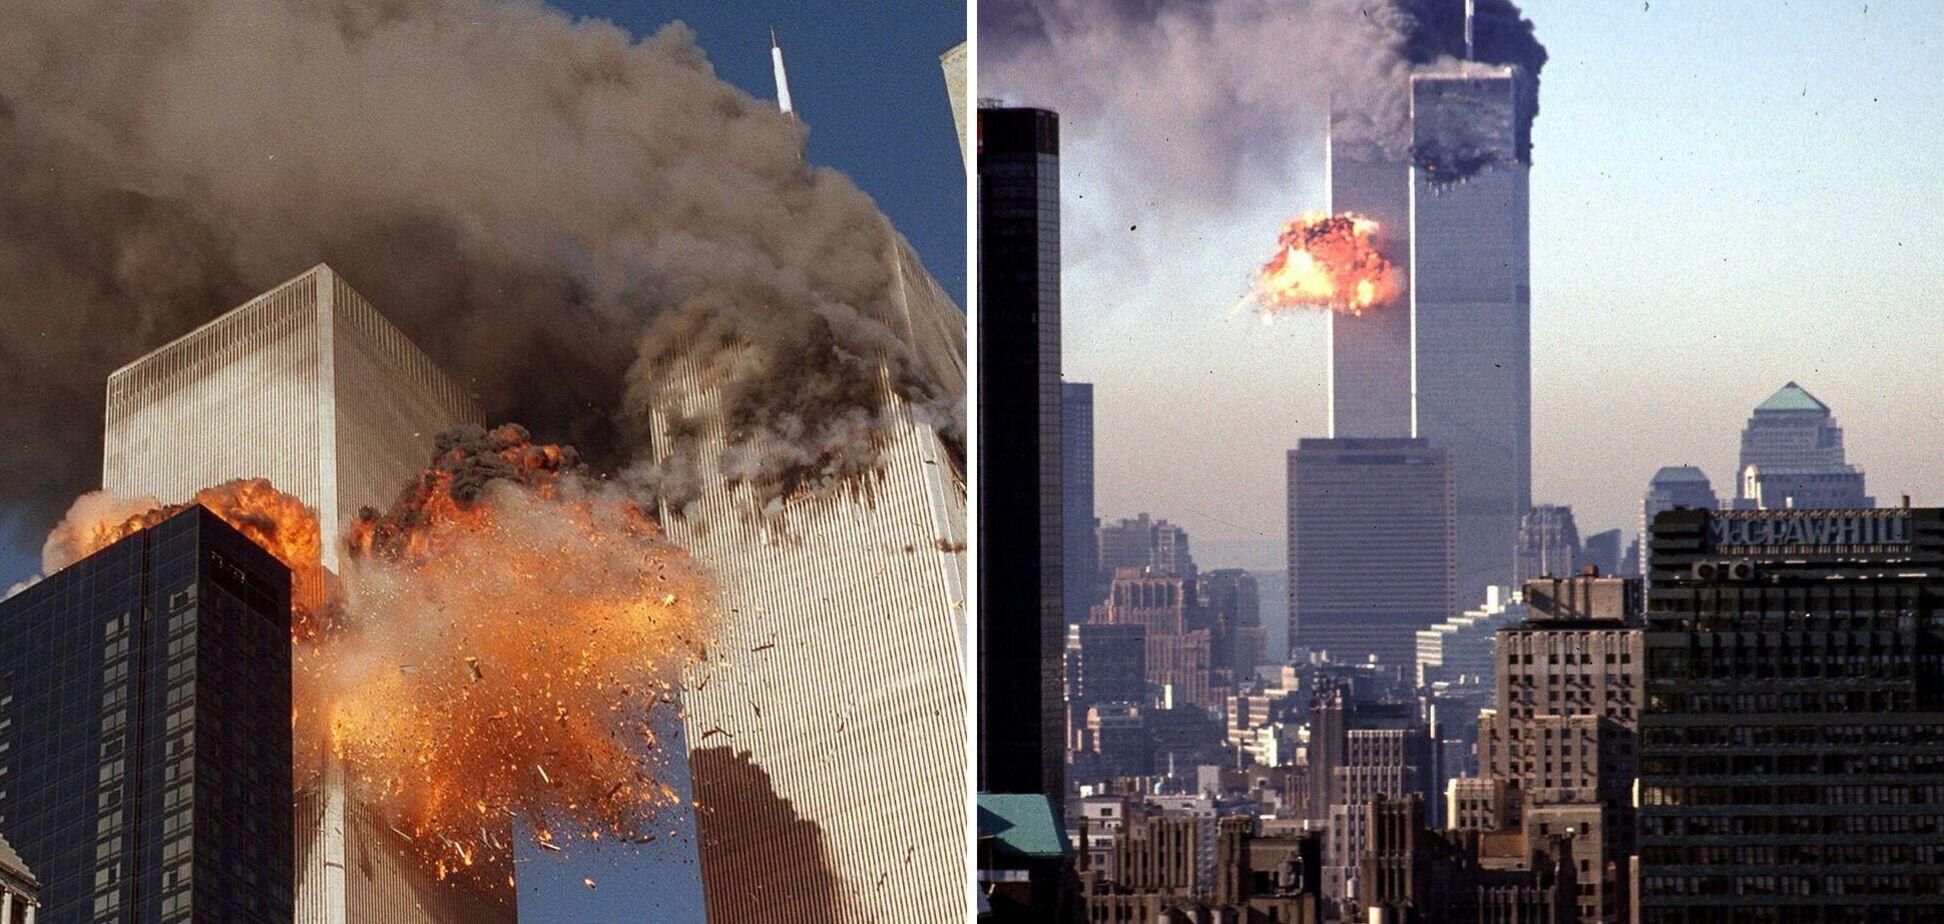 Теракт у Нью-Йорку 11 вересня: 20 років тому він змінив США та весь світ